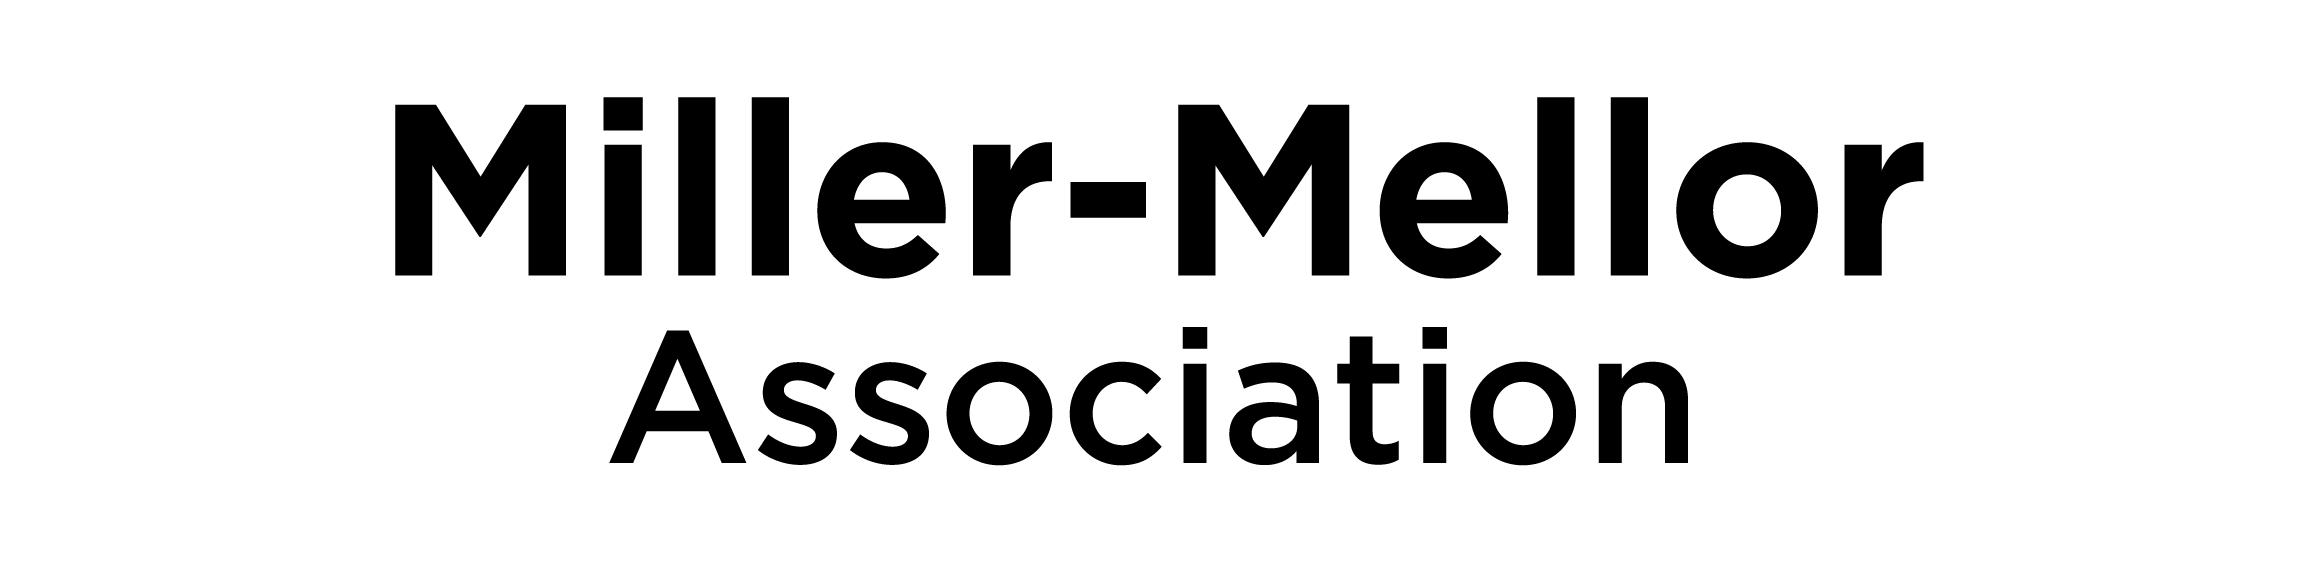 Miller-Mellor Association